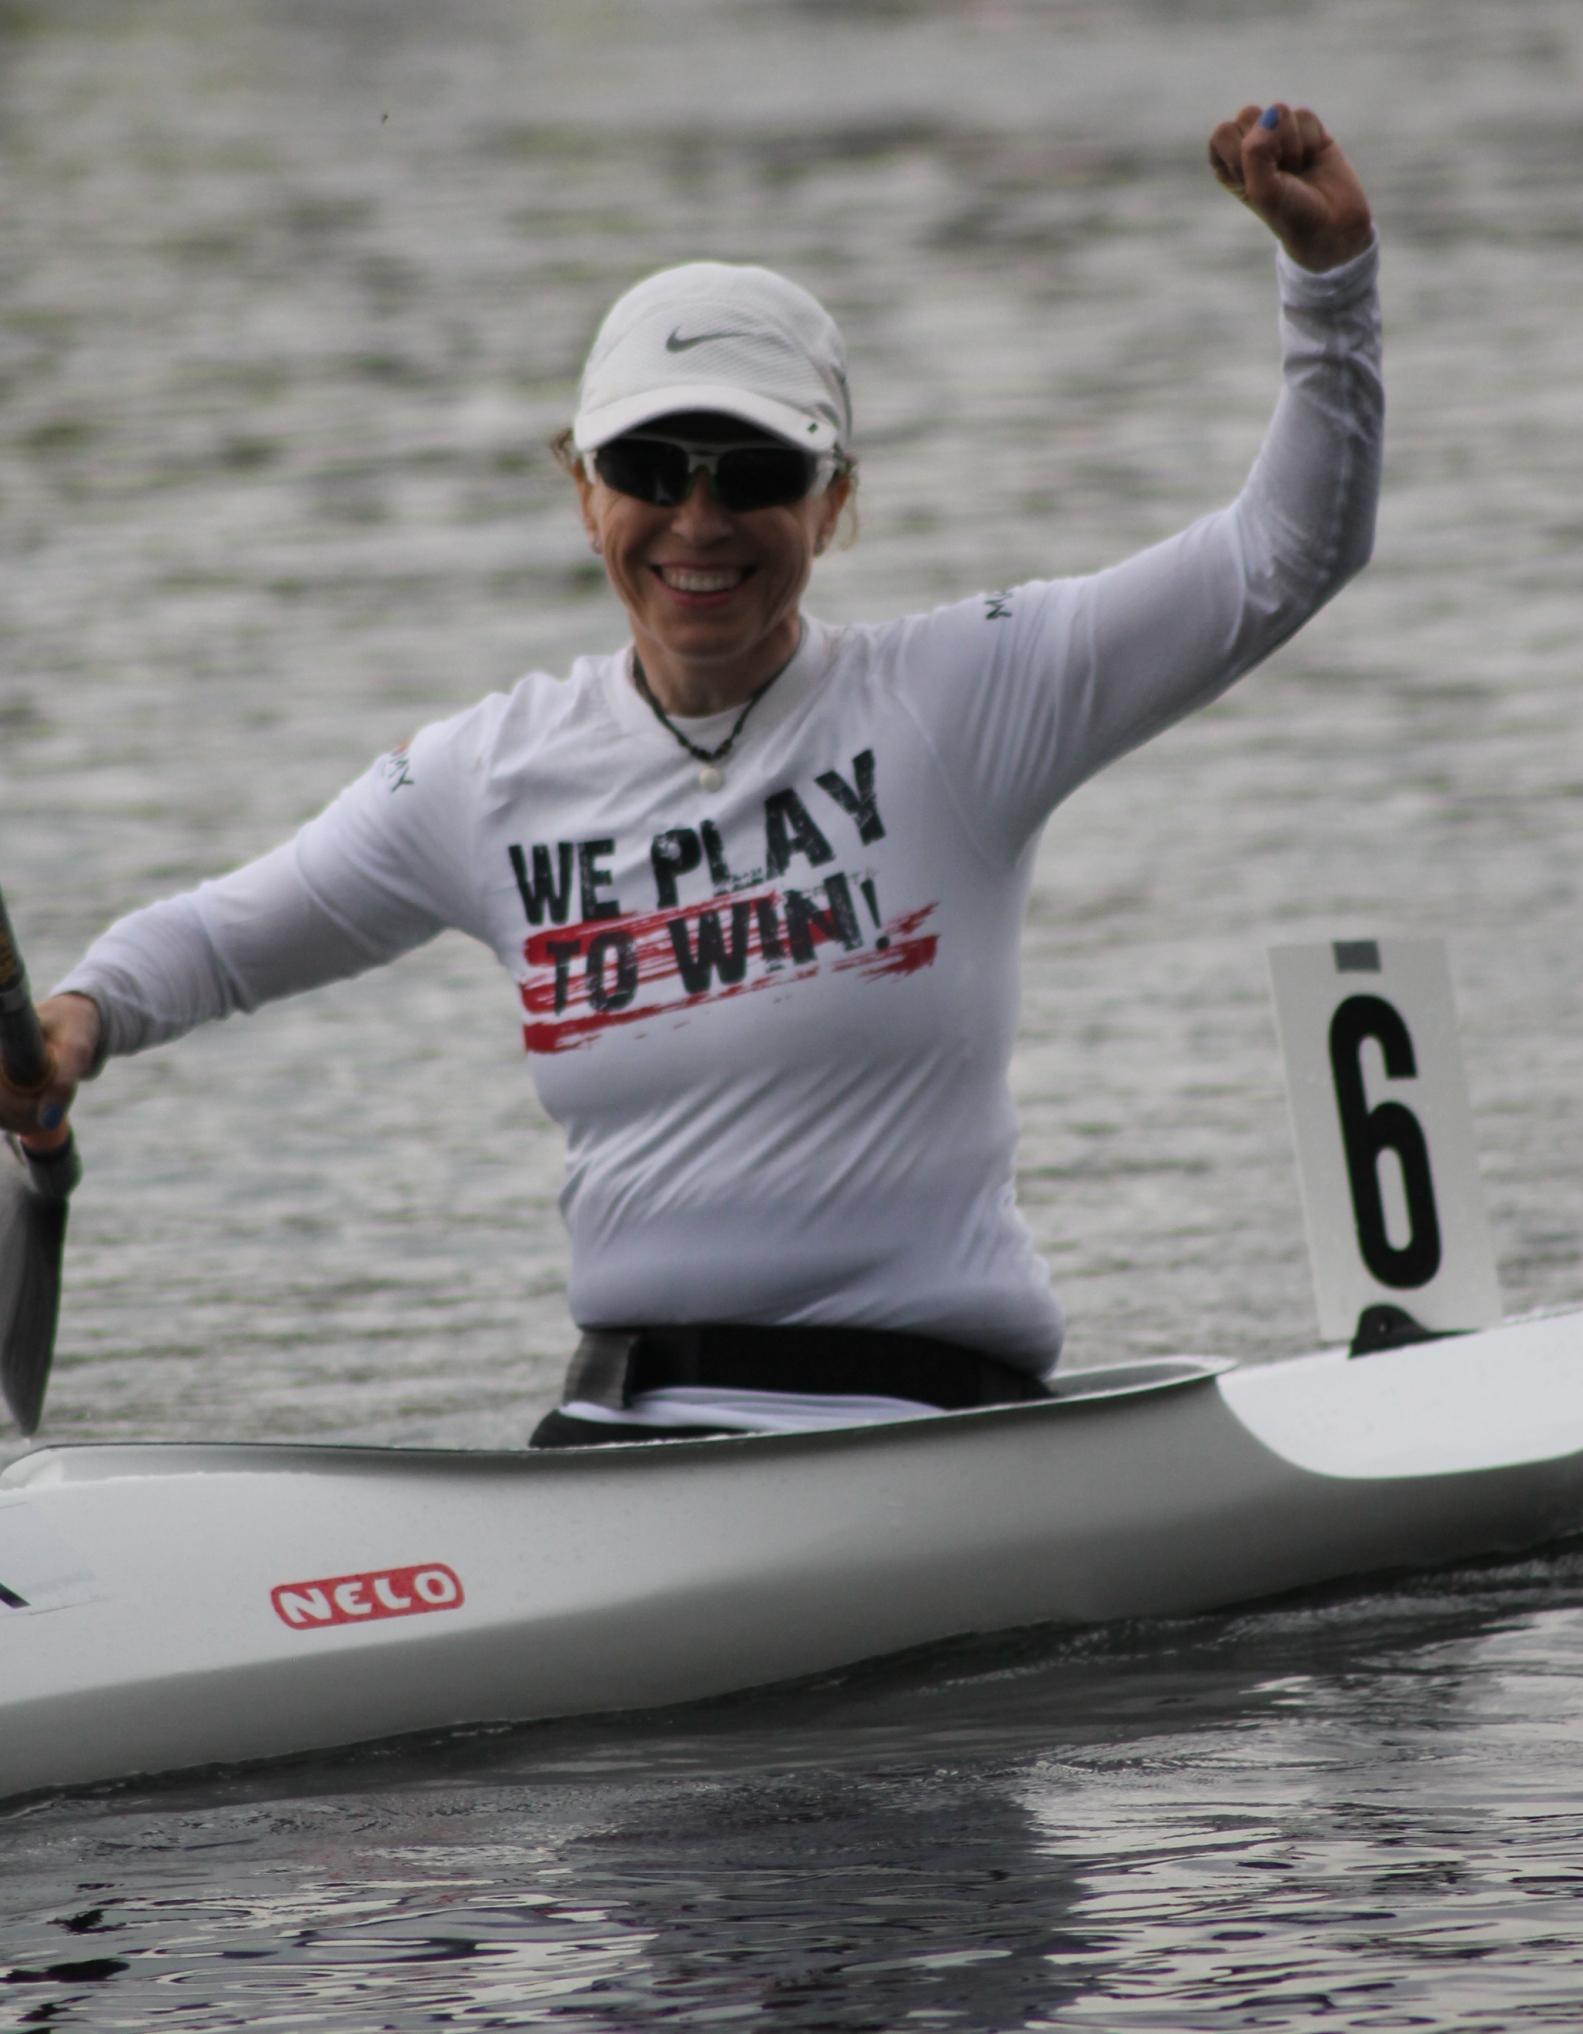 Kayaker Pascale Berkowitz. Photo by Ido Lavi